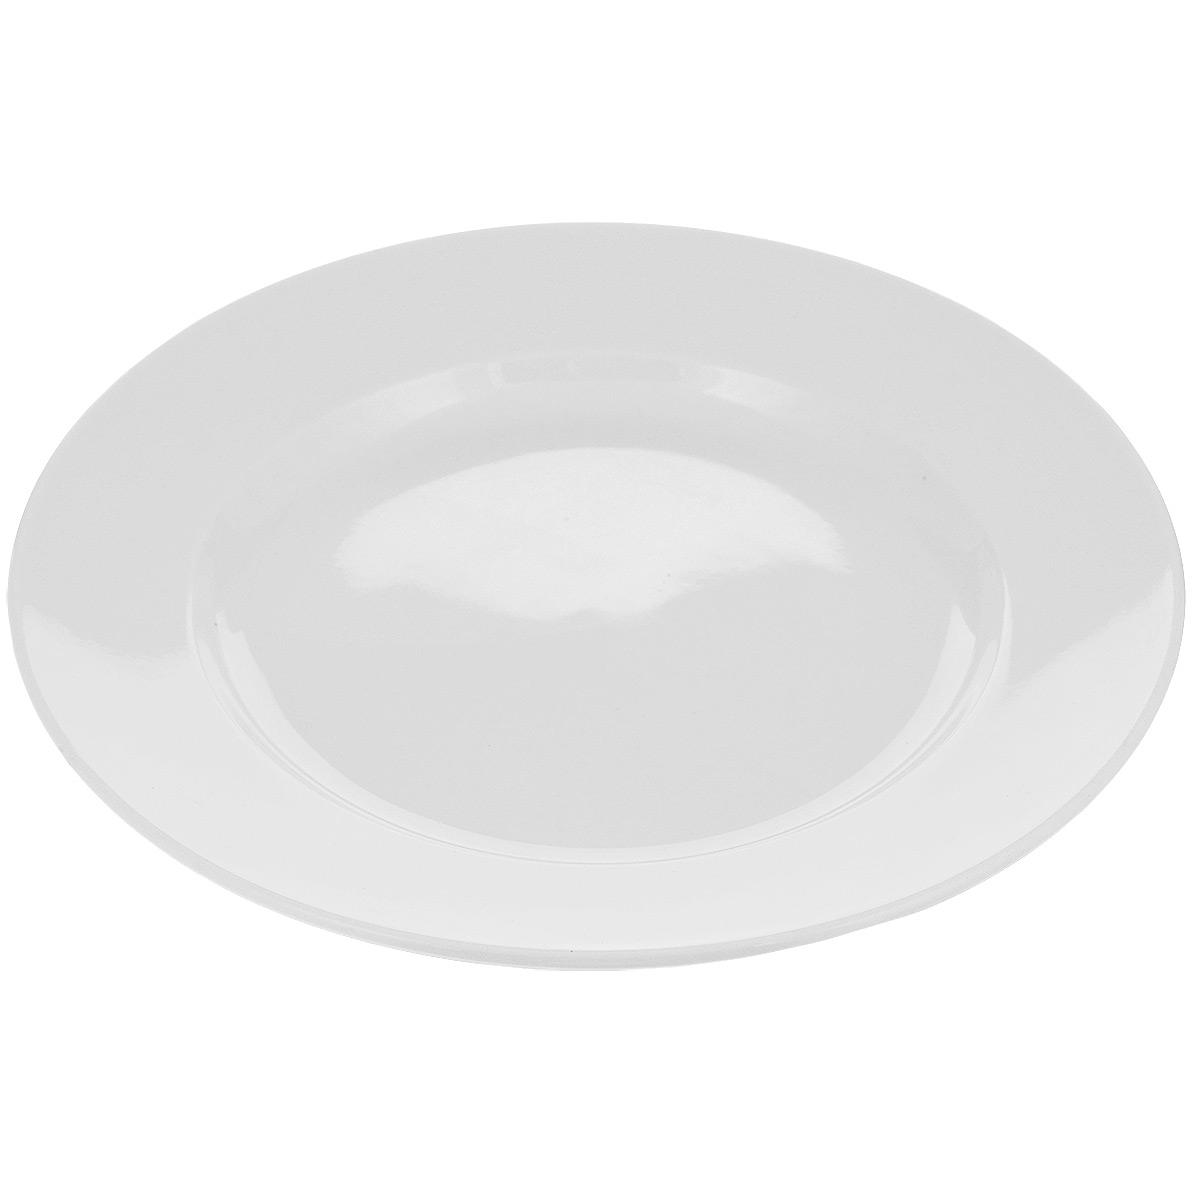 Тарелка Tescoma Opus, диаметр 27 см385114Тарелка Tescoma Opus выполнена из высококачественного фарфора однотонного цвета и прекрасно подойдет для вашей кухни. Такая тарелка изысканно украсит сервировку как обеденного, так и праздничного стола. Предназначена для подачи вторых блюд. Пригодна для использования в микроволновой печи. Можно мыть в посудомоечной машине.Диаметр: 27см.Высота тарелки: 2 см..